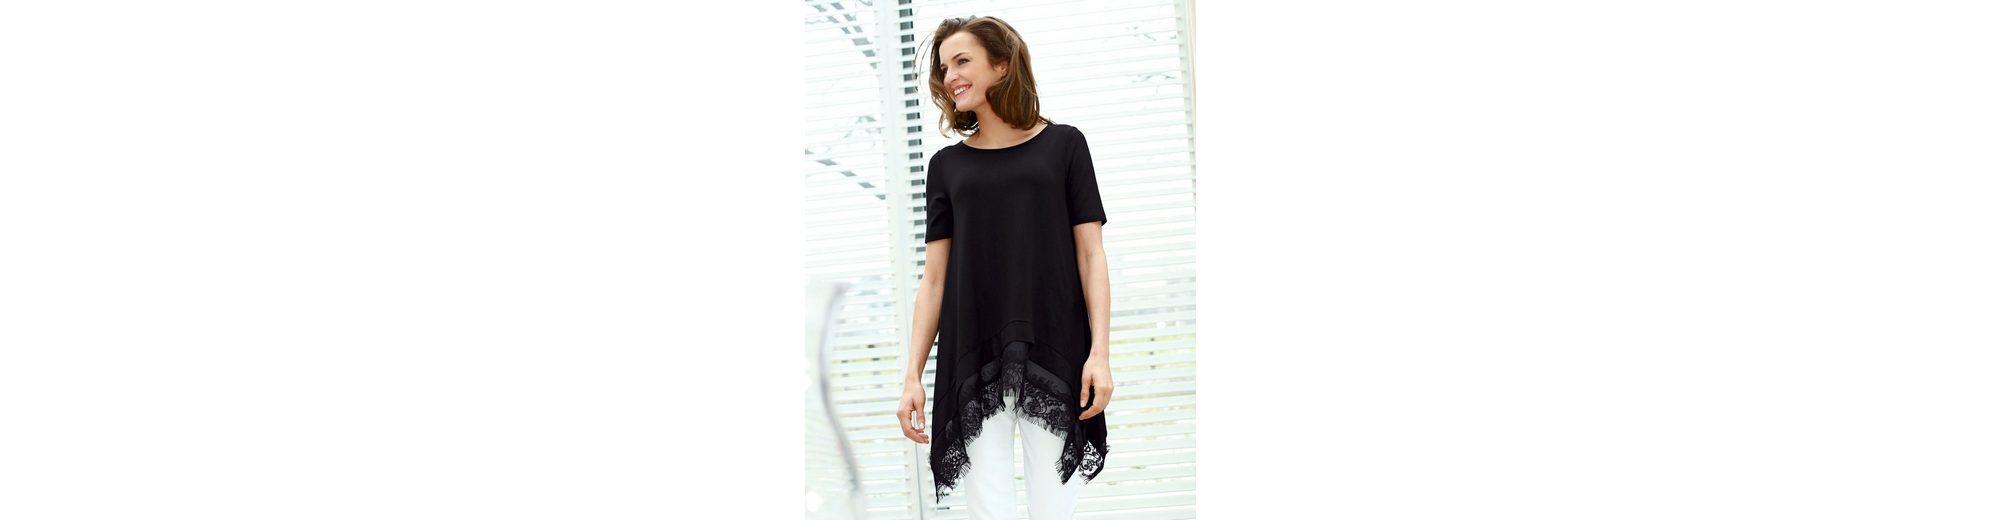 Amy Vermont Shirt in modischer, weiter Zipfelform